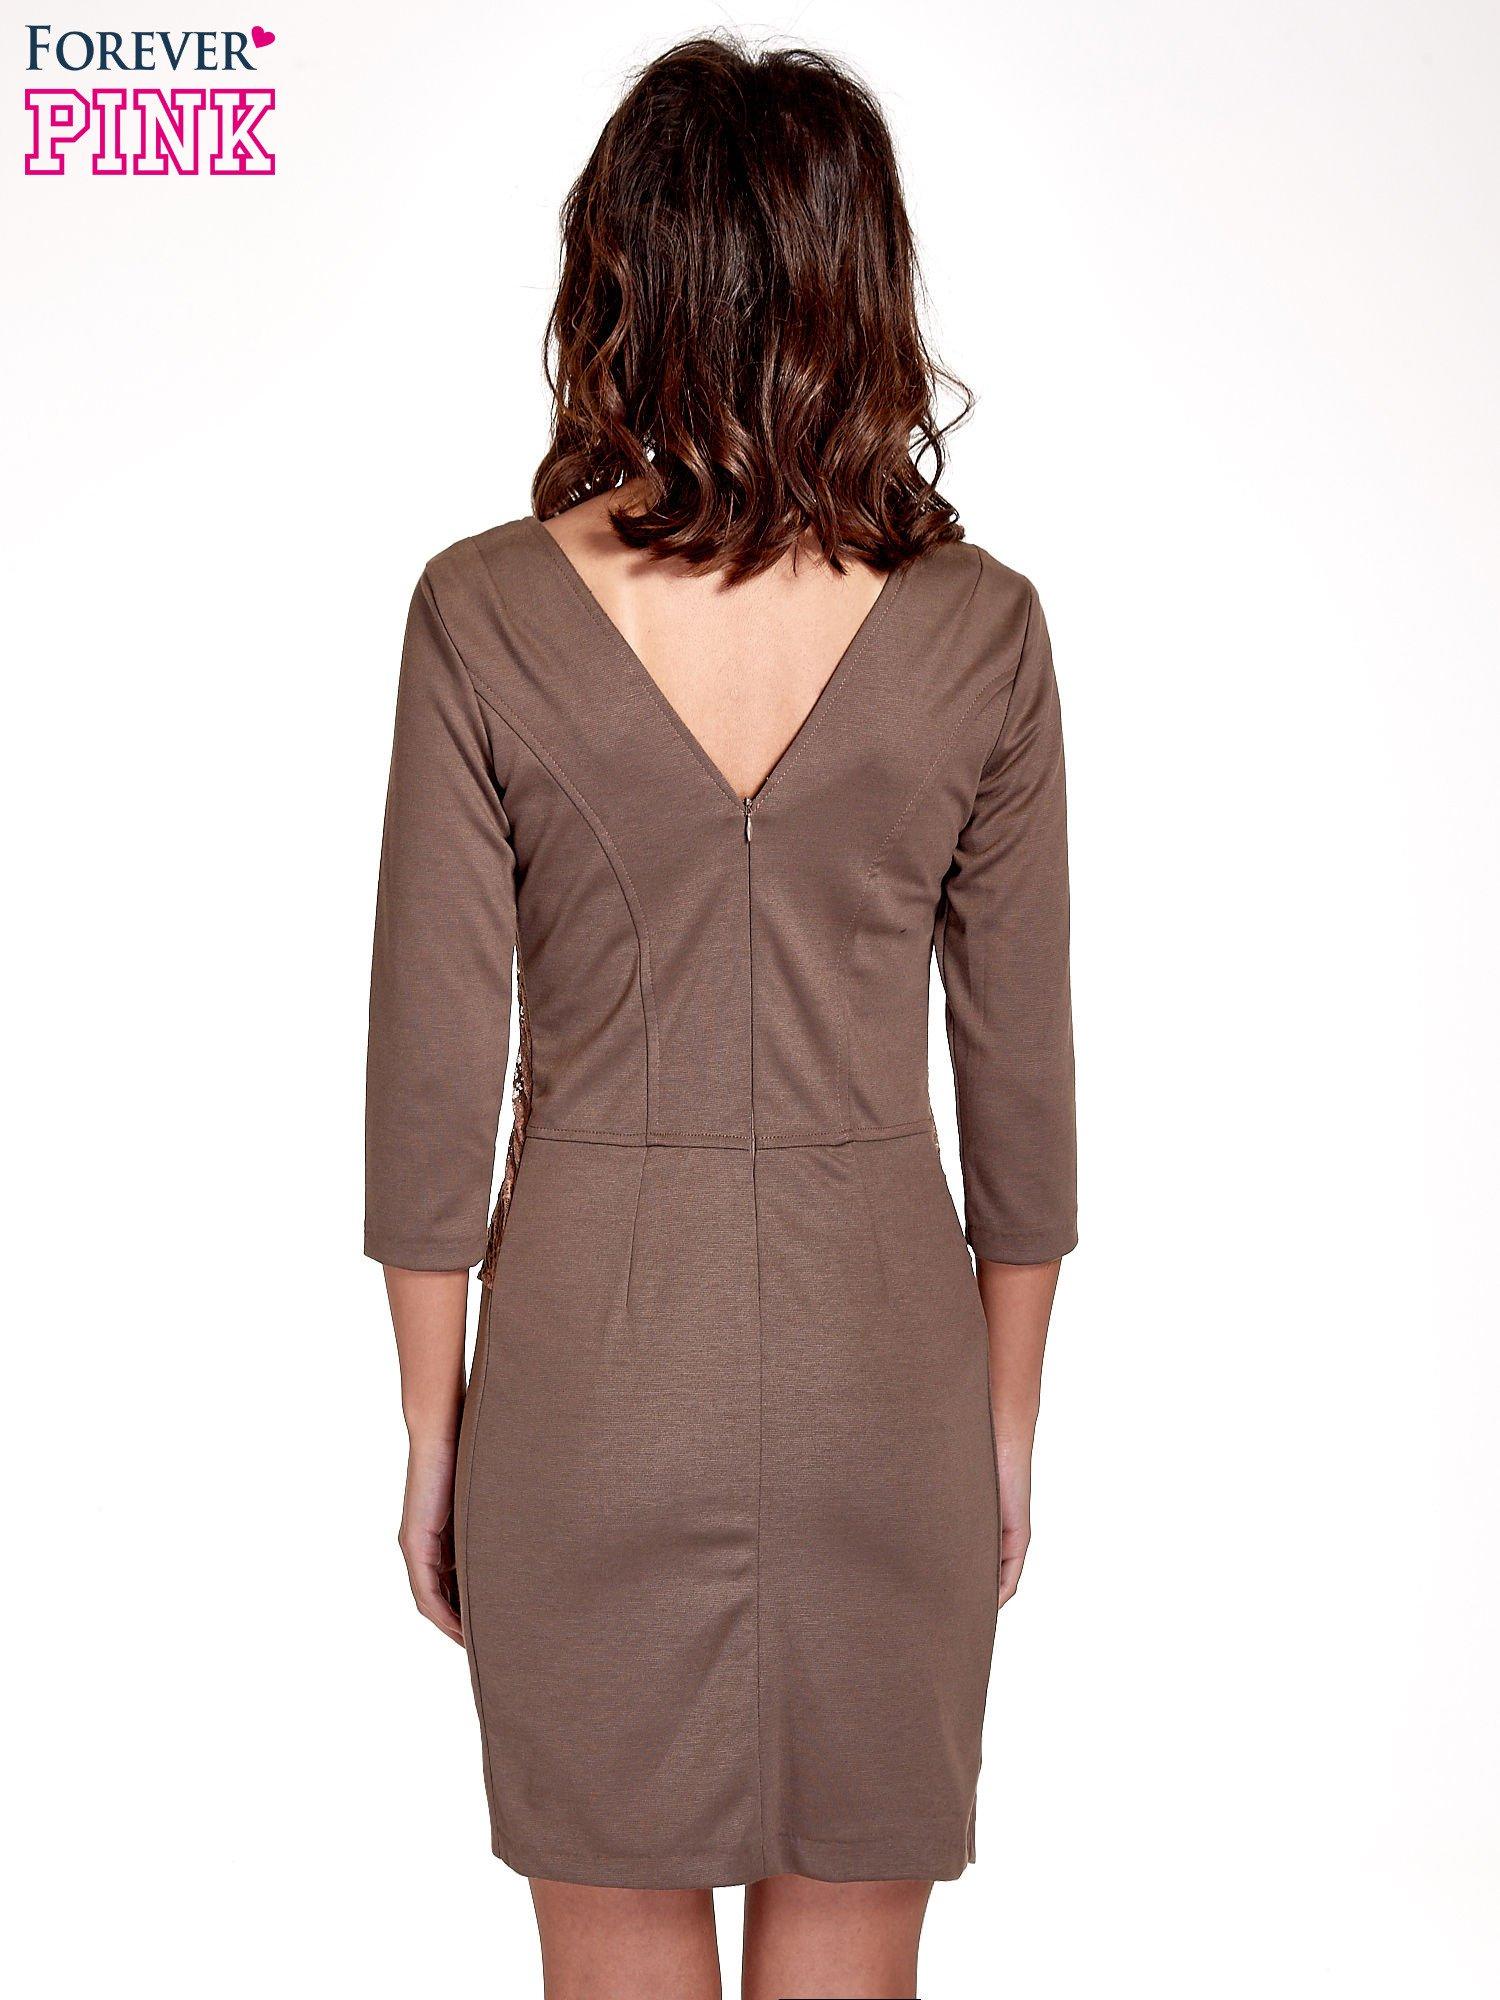 Brązowa dopasowana sukienka z ażurowym wykończeniem                                  zdj.                                  4